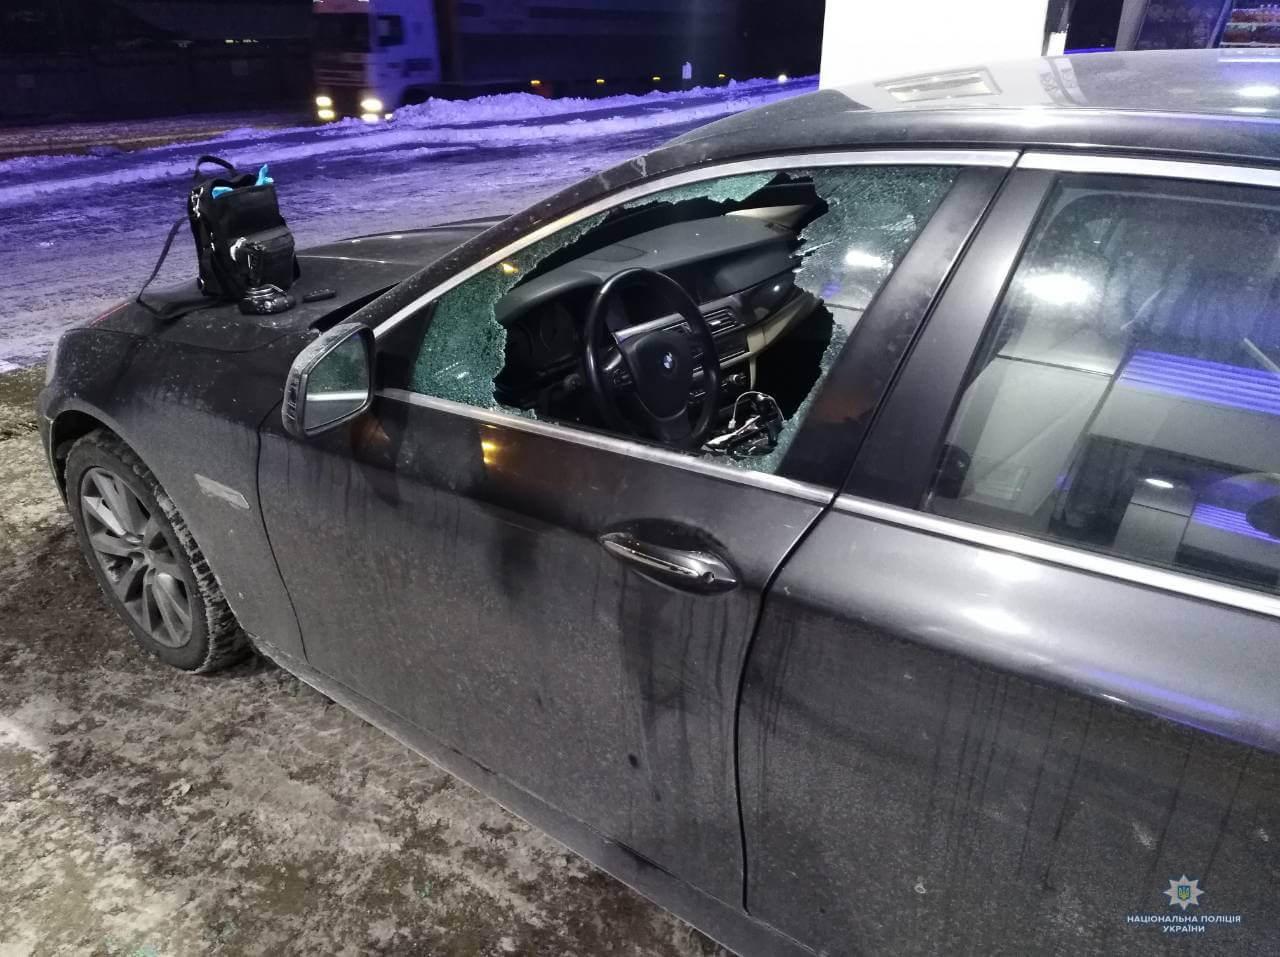 З автомобіля киянина вкрали 4 млн гривень і ноутбук (фото)